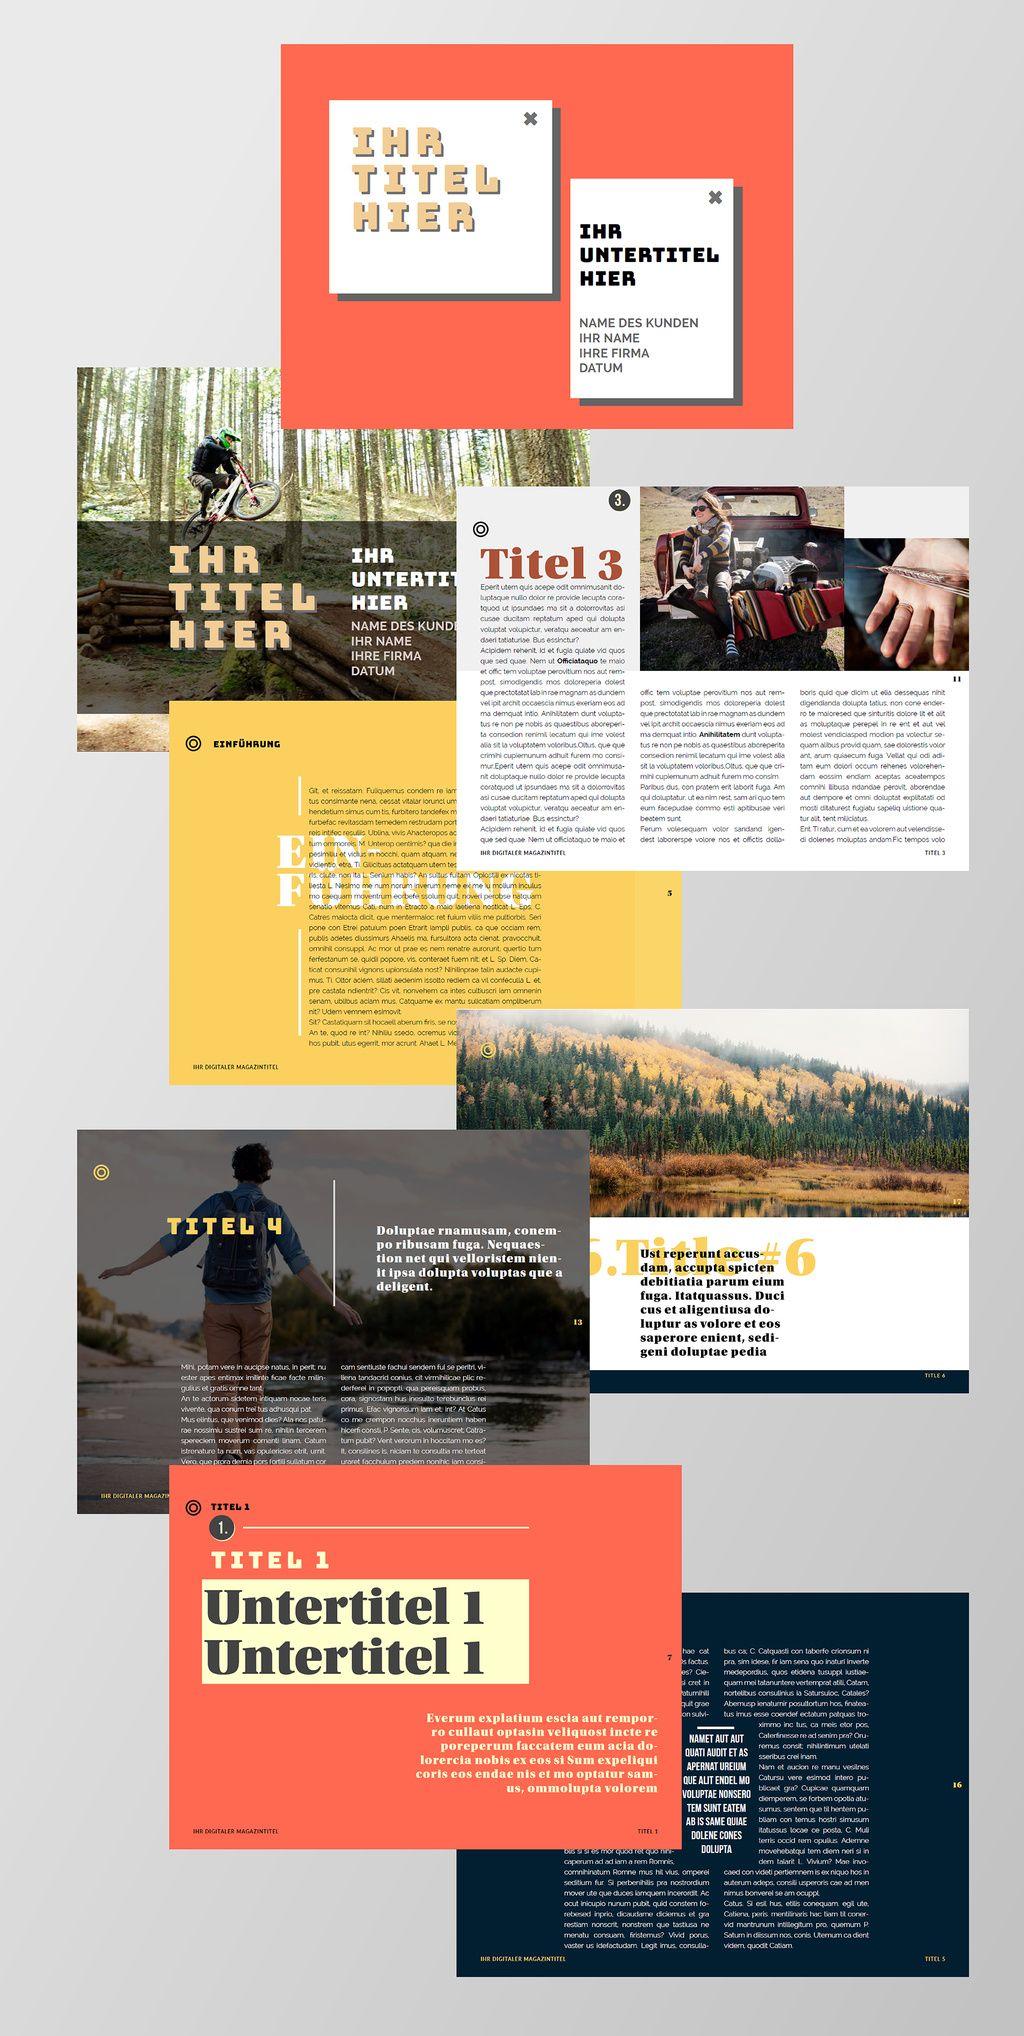 Layout Fur Digitale Erlebniszeitschrift Buy This Stock Template And Explore Similar Templates At Adobe Stock Ado Indesign Vorlagen Indesign Vorlage Vorlagen